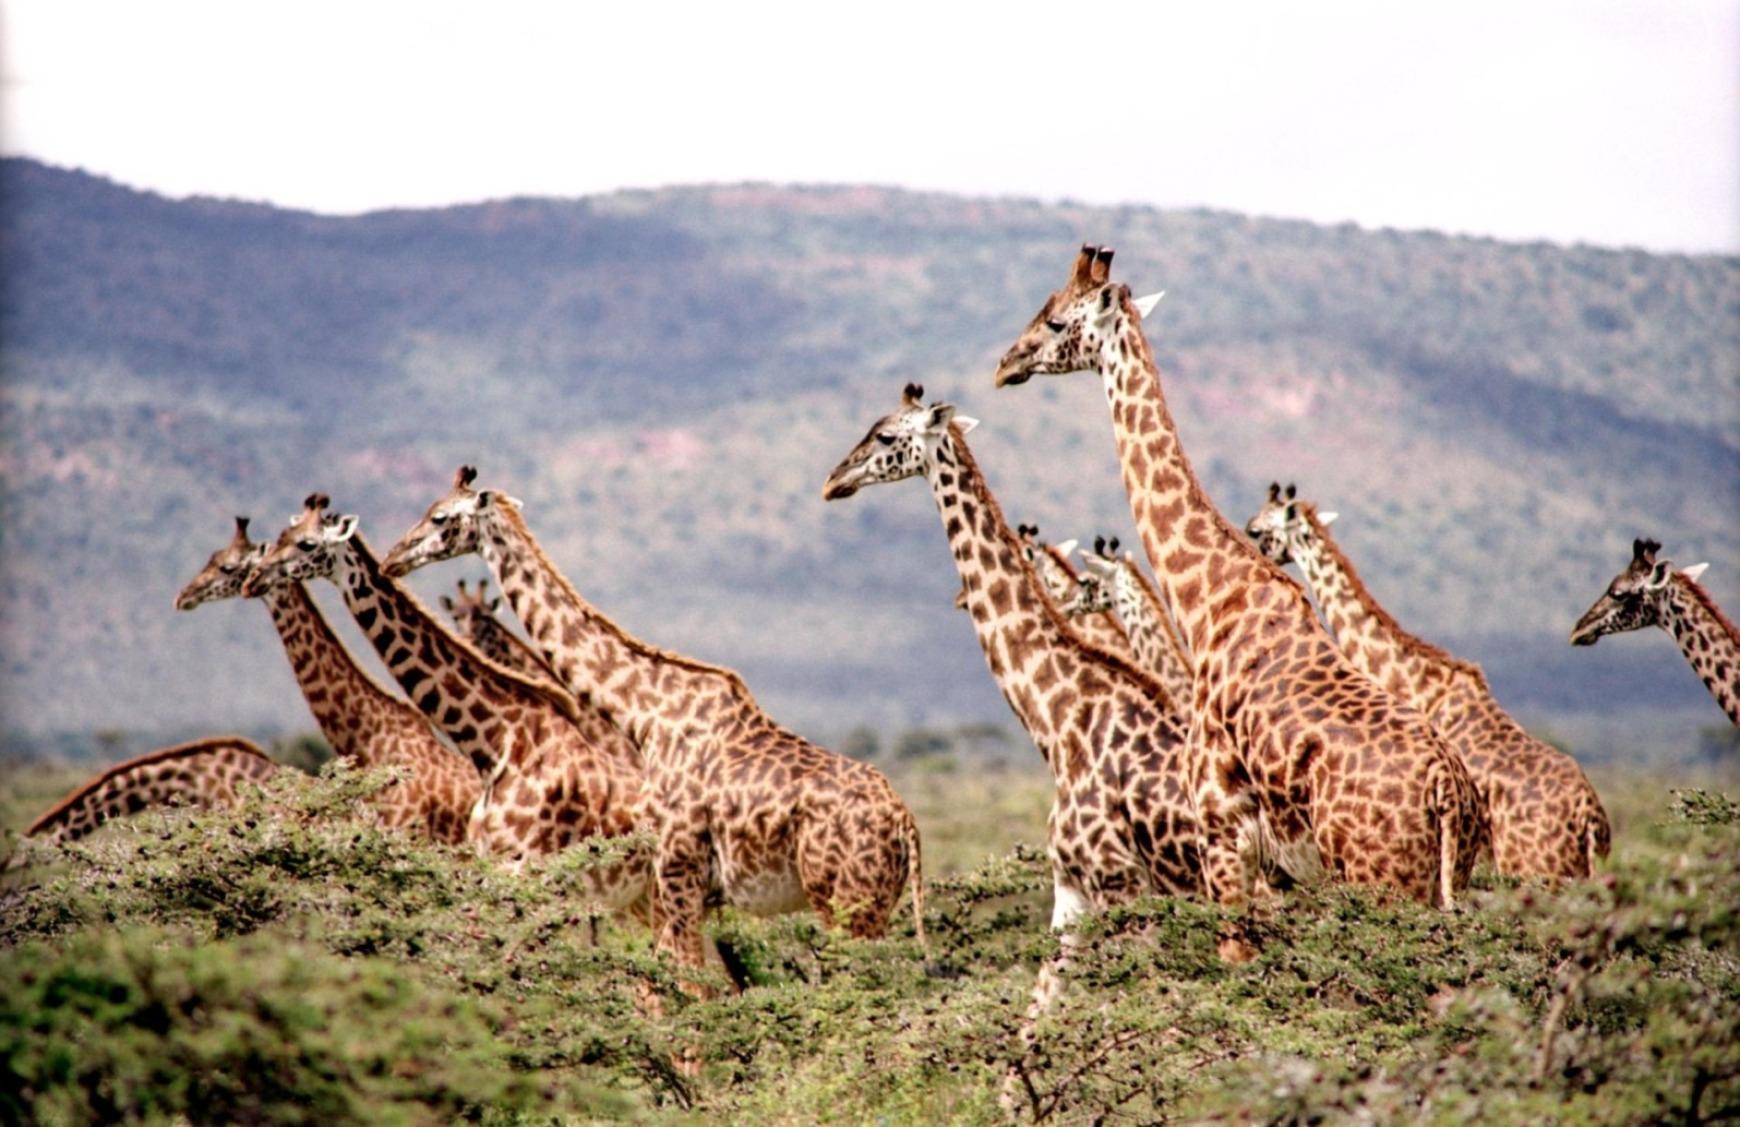 Giraffes Family - Original image